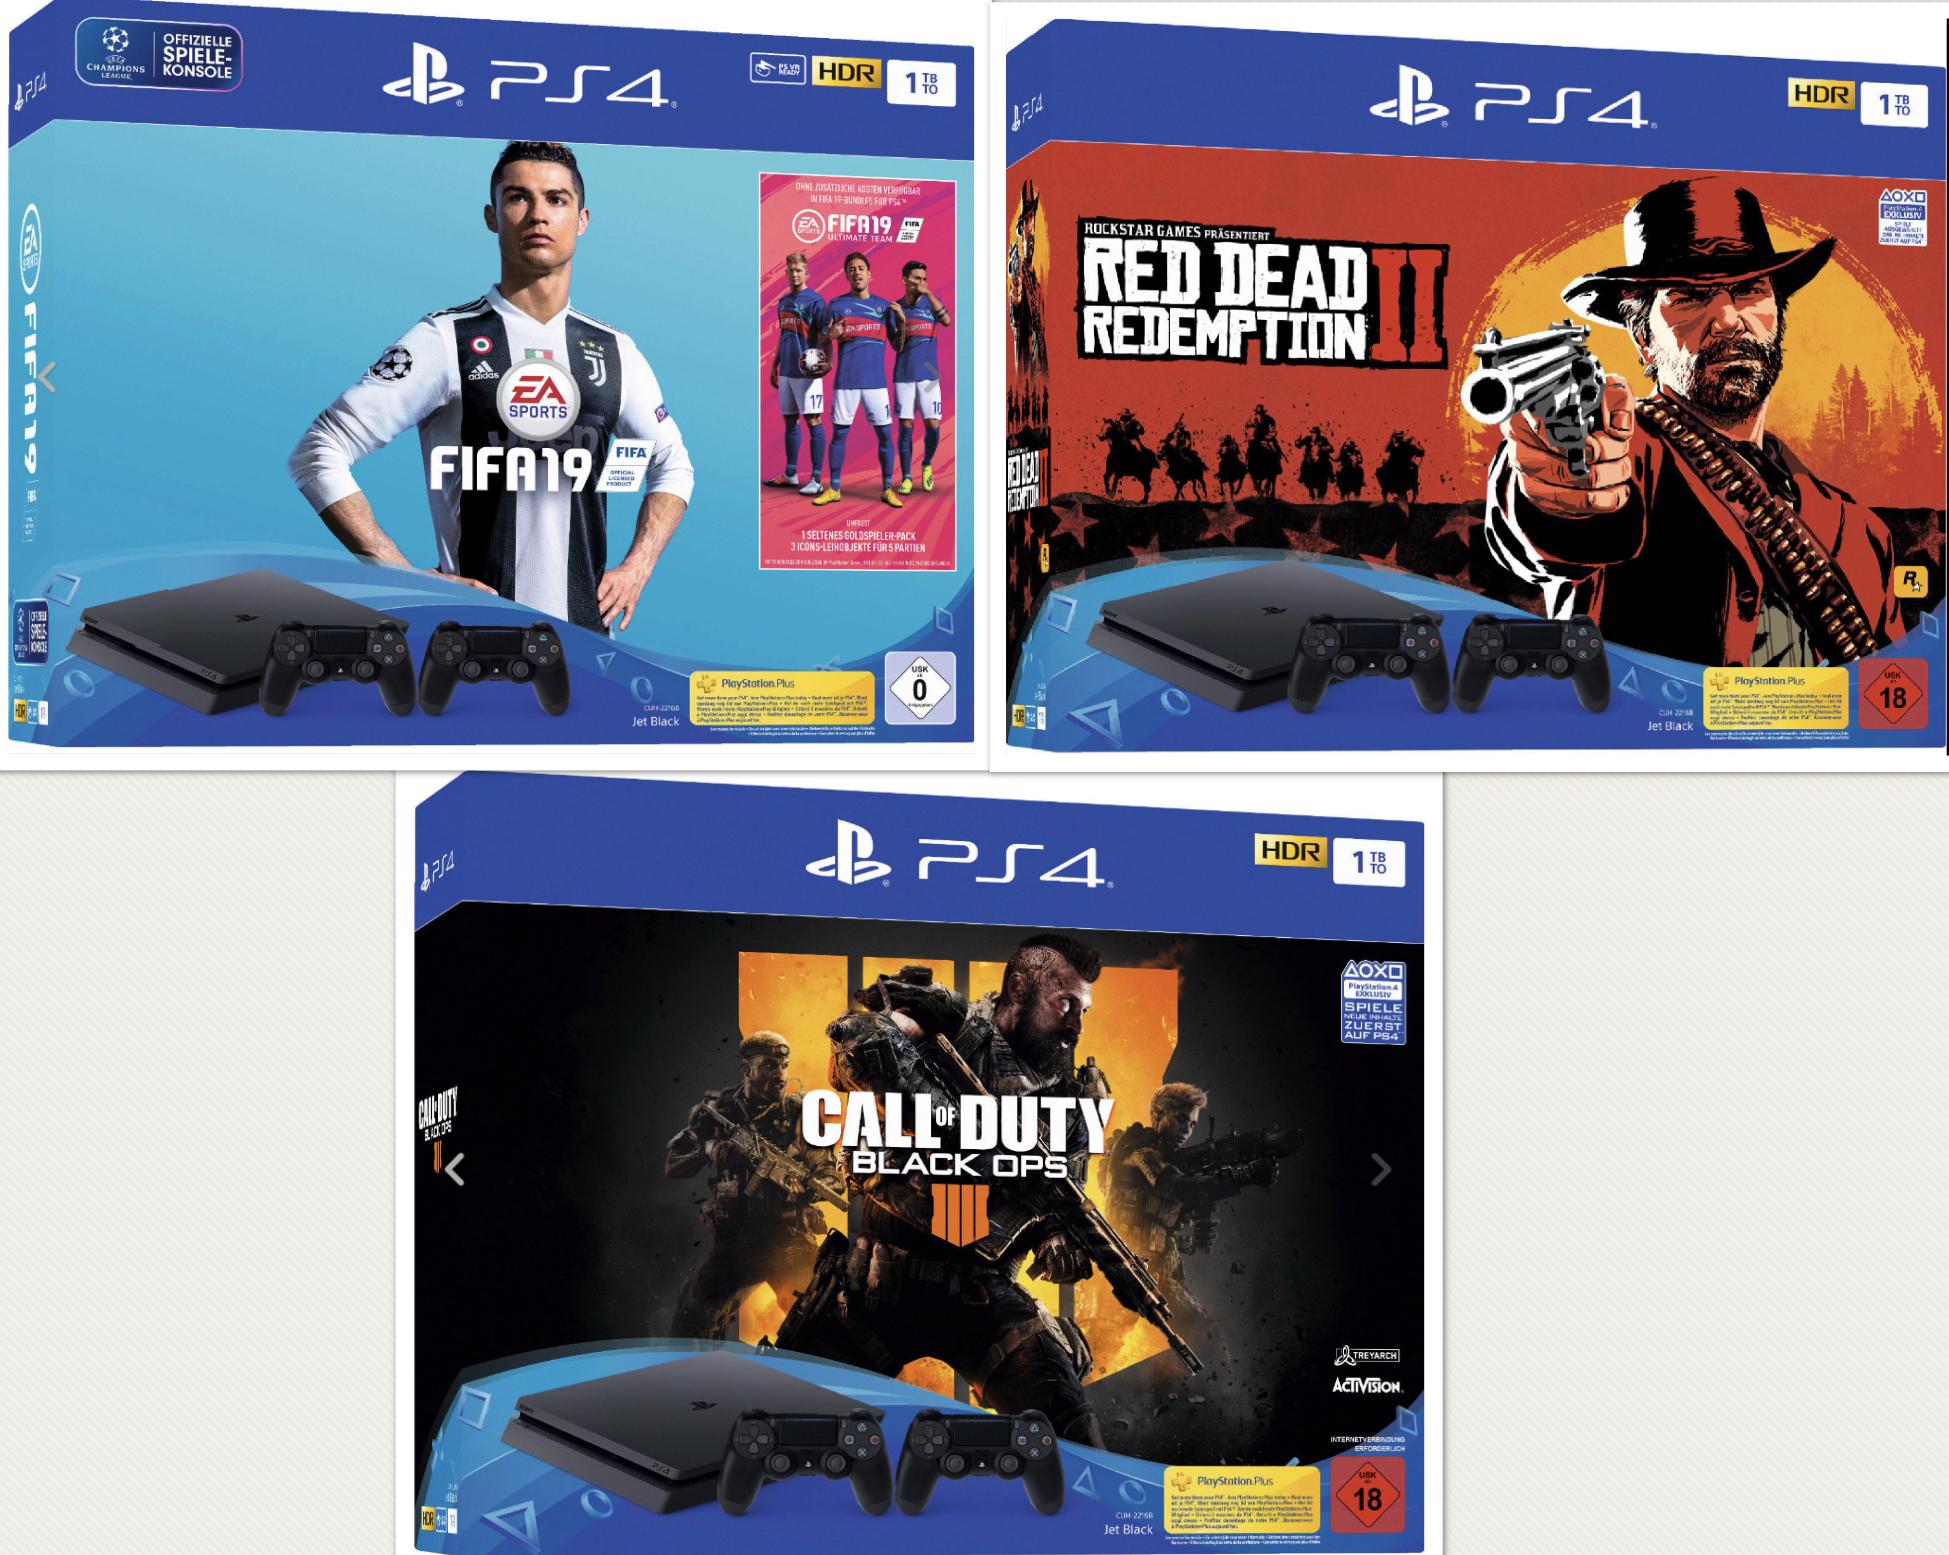 SONY PlayStation 4 1TB + 2. Controller + Fifa 19 für 305,10€ oder mit Red Dead Redemption 2 oder Call of Duty Black Ops 4 für 315,27€ m. C&C